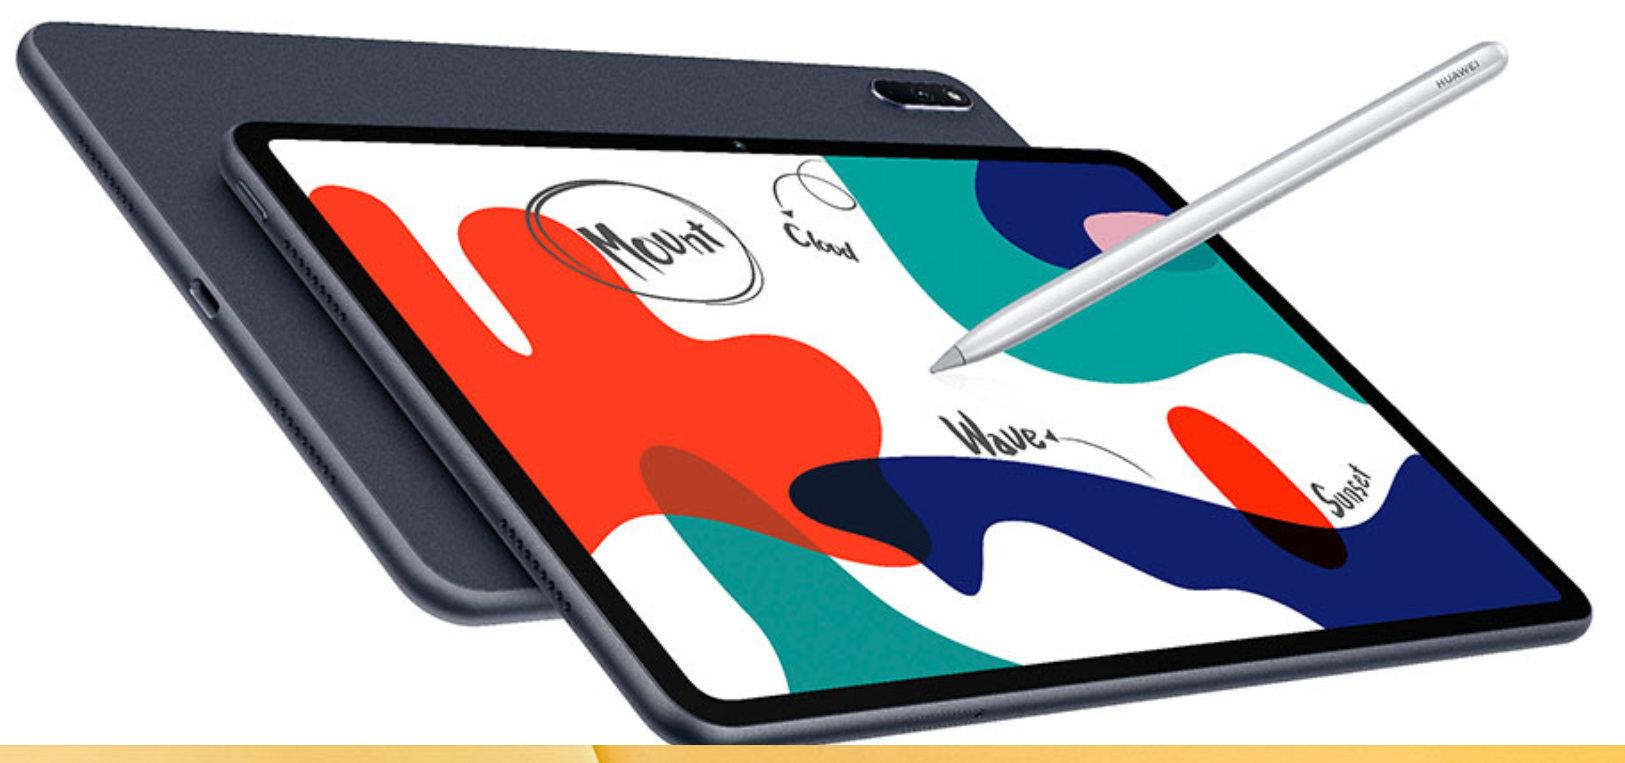 ¿Tablet o 2 en 1? Diez modelos interesantes para todos los presupuestos 36